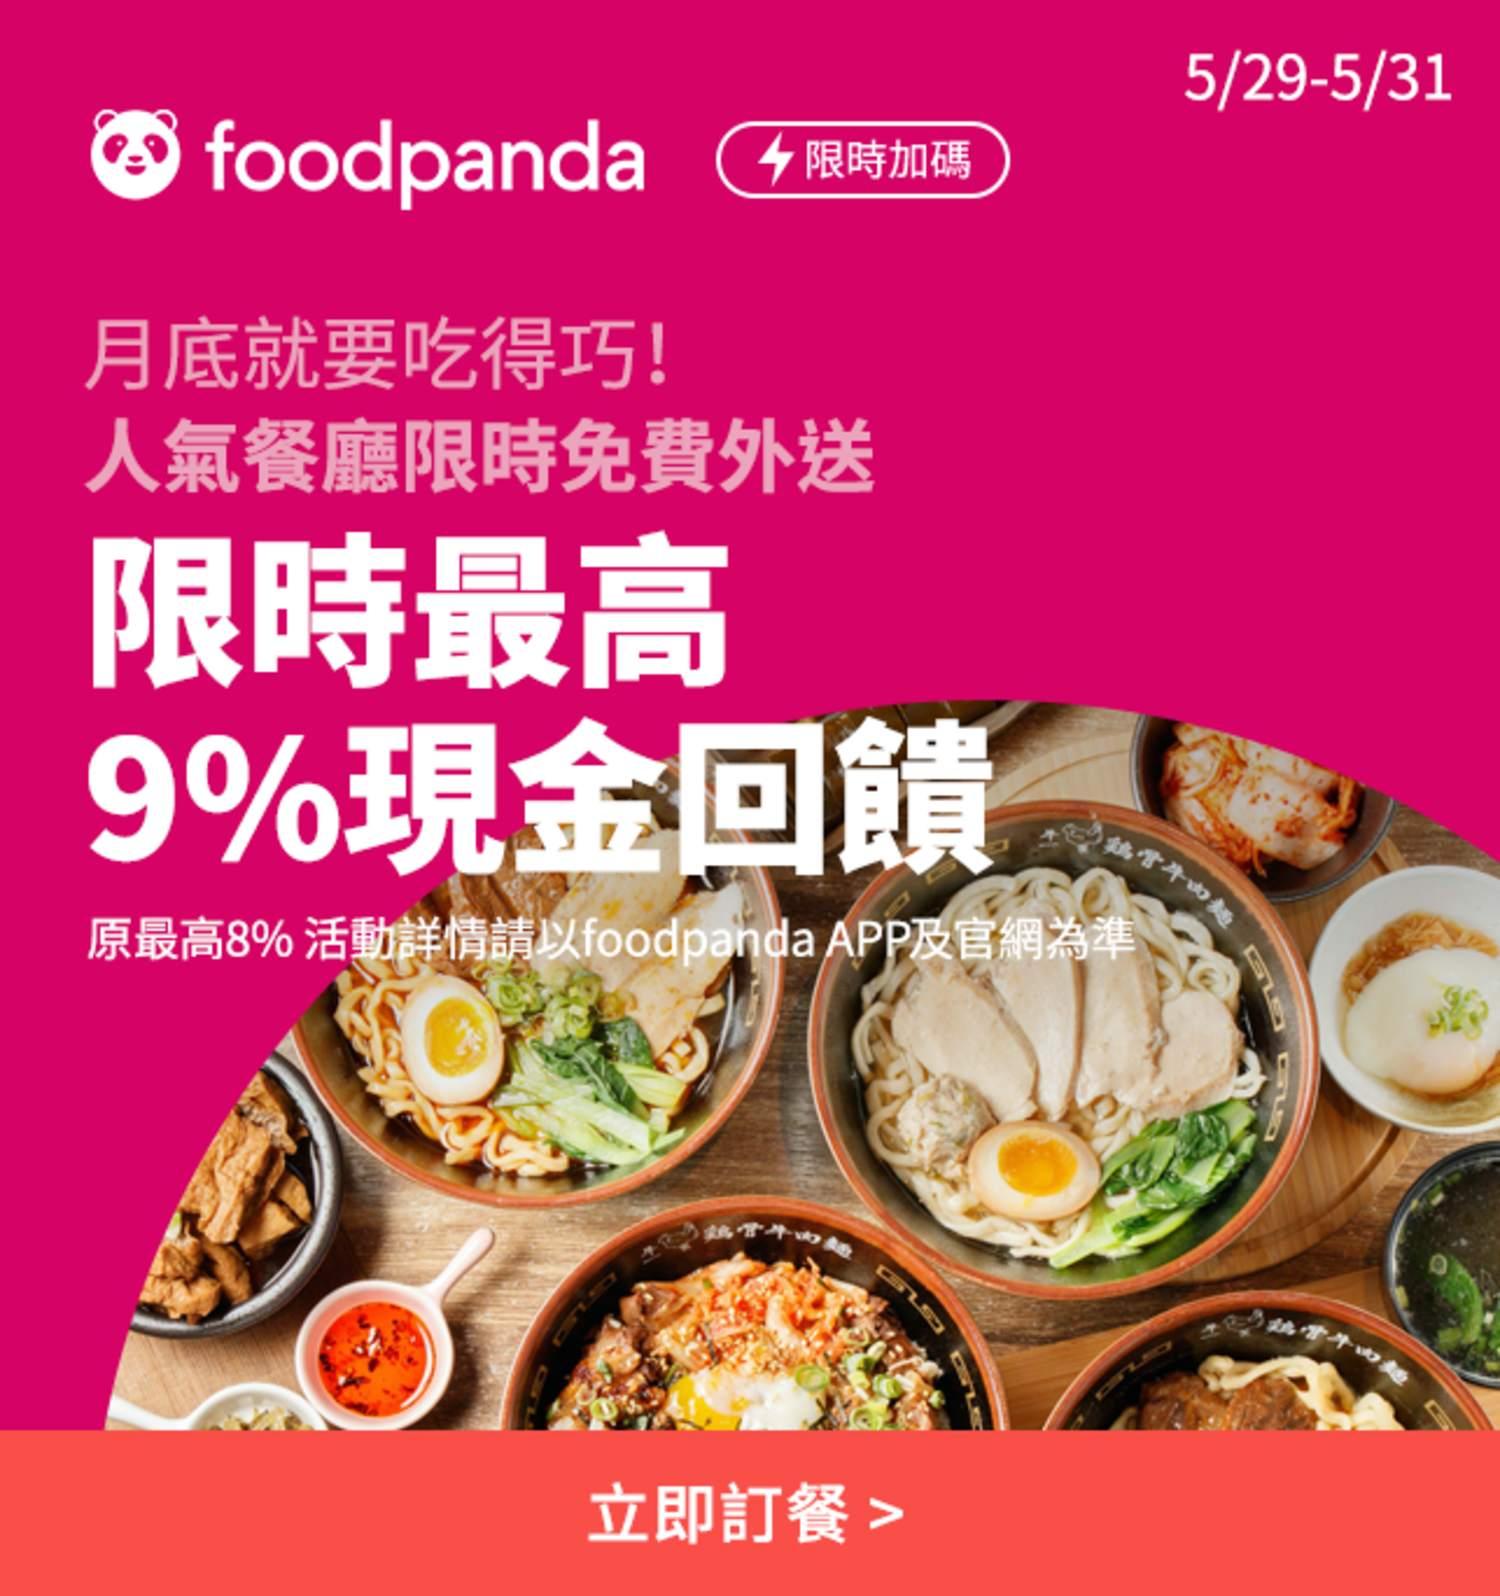 foodpanda 5/29-5/31